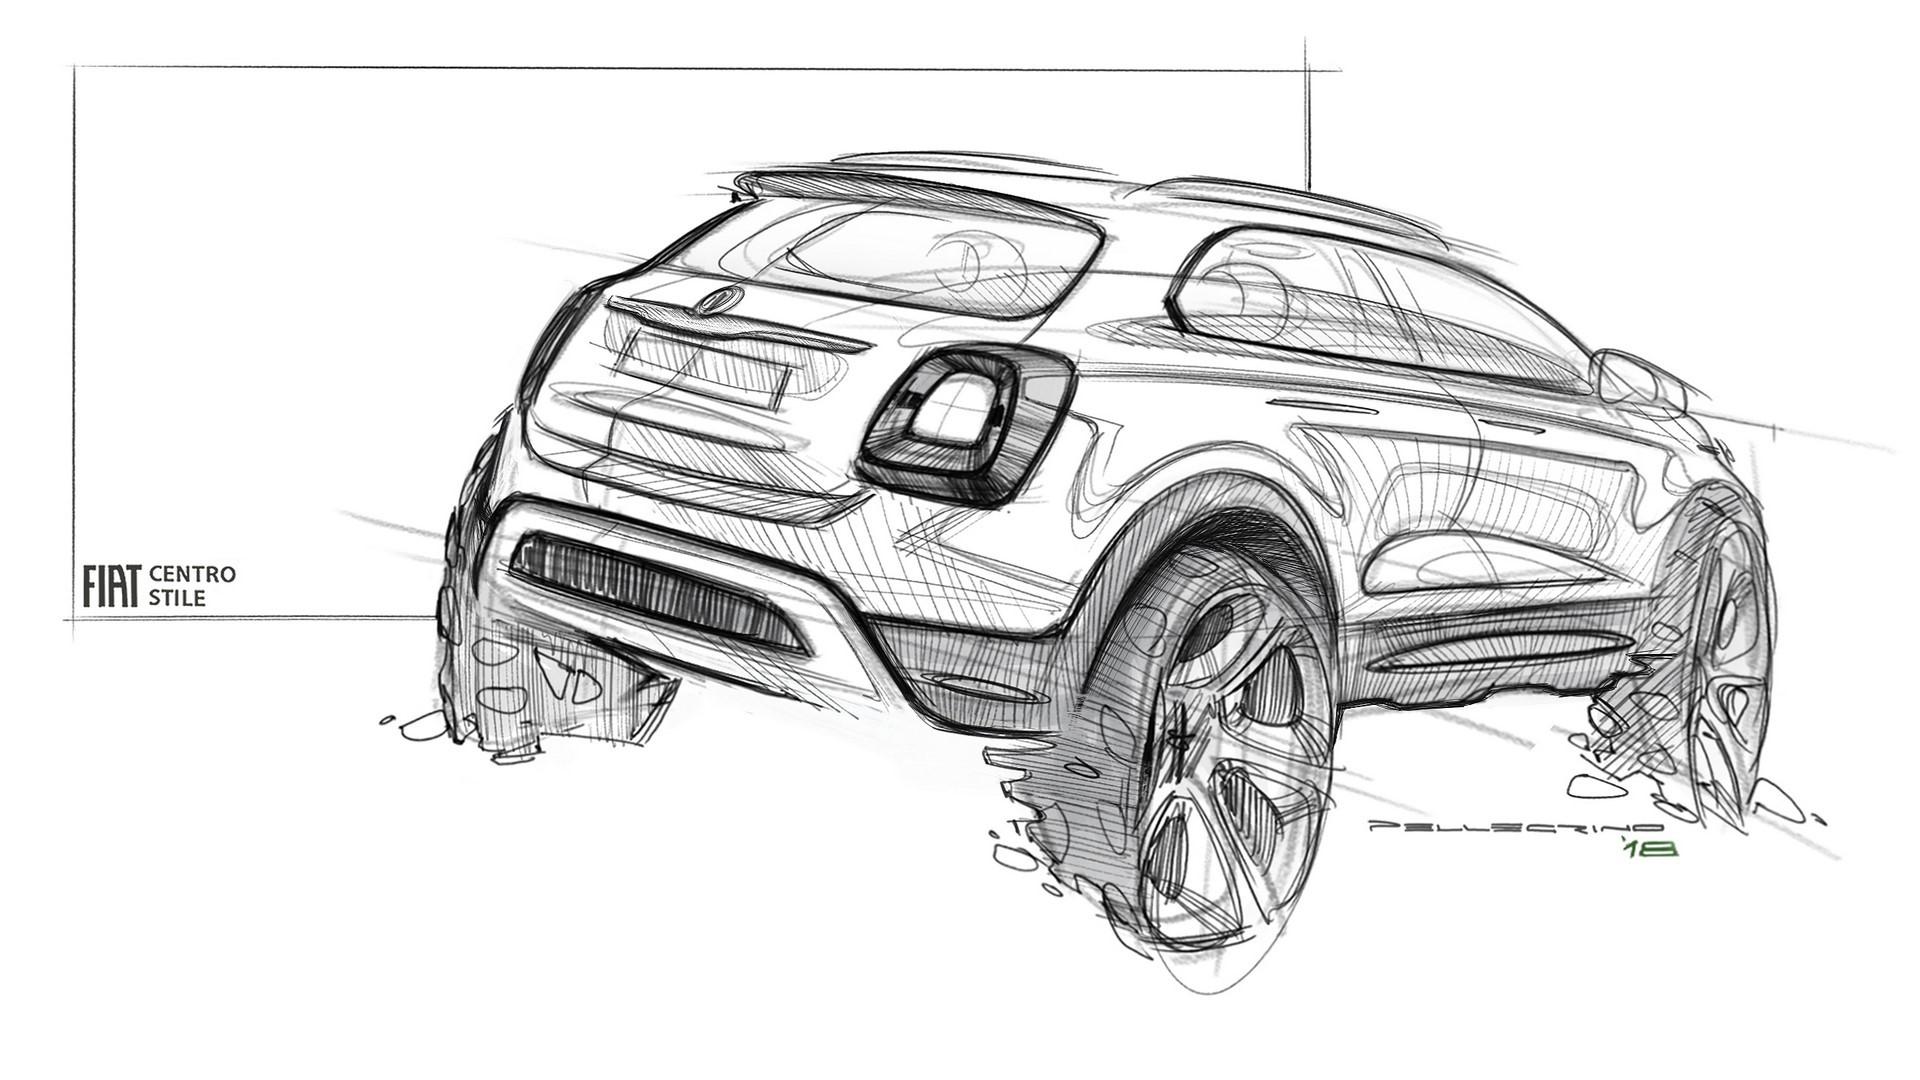 180828_Fiat_New-500X-sketch_13